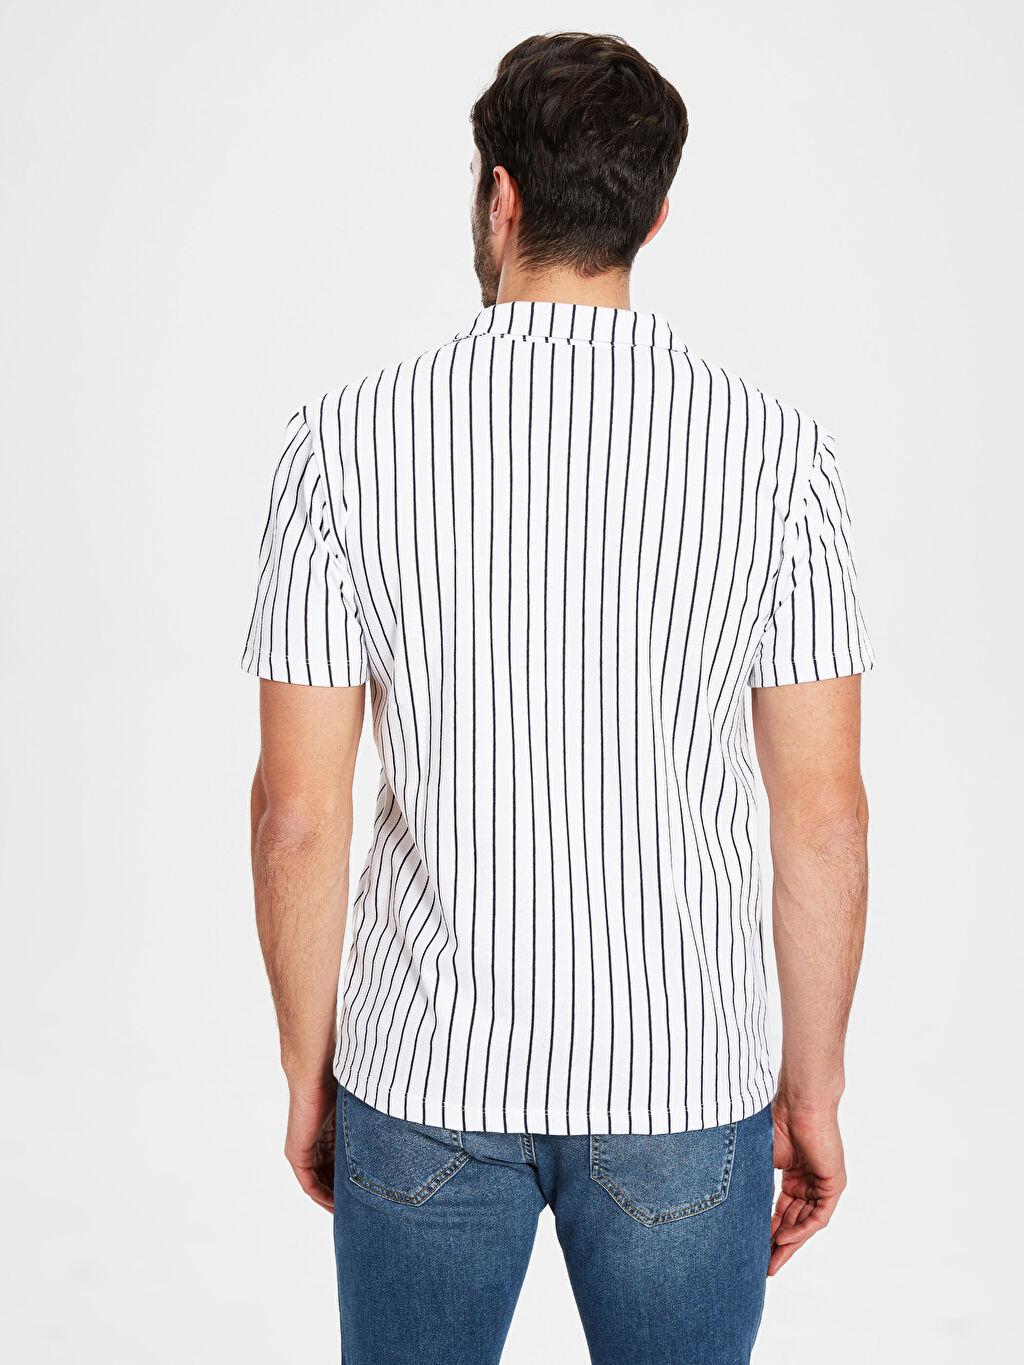 %100 Pamuk Dar Çizgili Kısa Kol Gömlek Düğmesiz Slim Fit Çizgili Kısa Kollu Gömlek